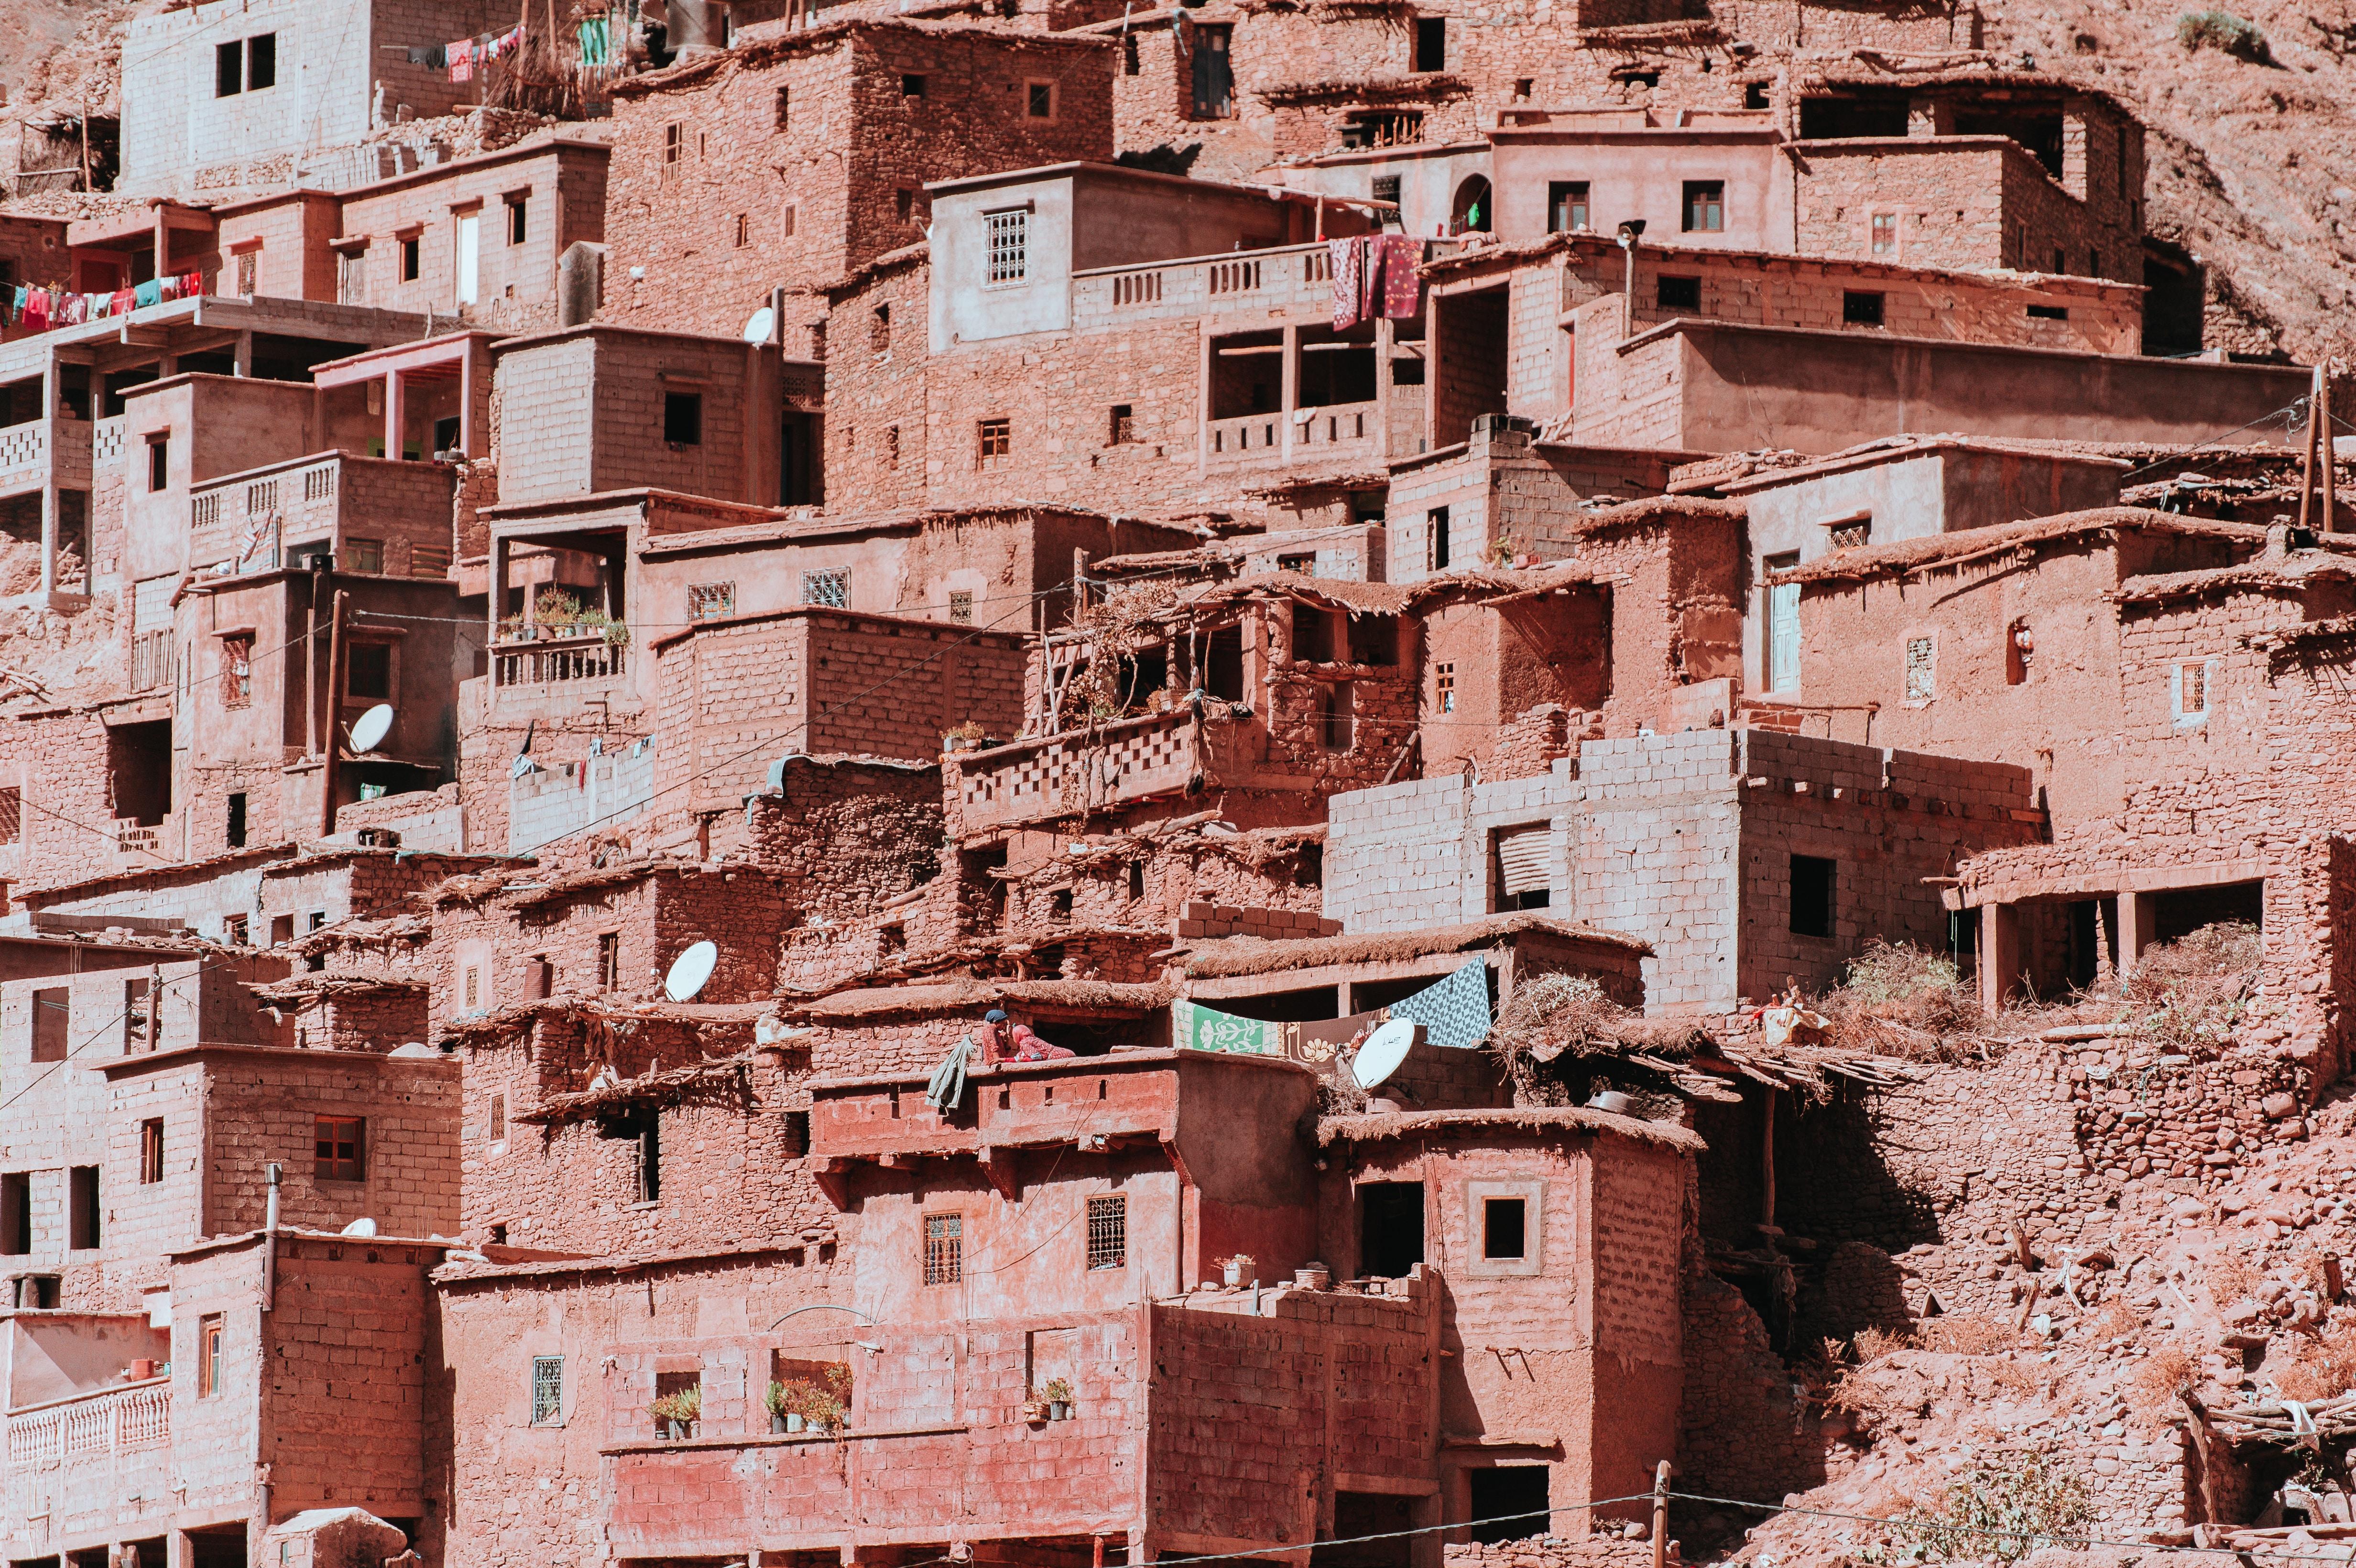 brown bricked village